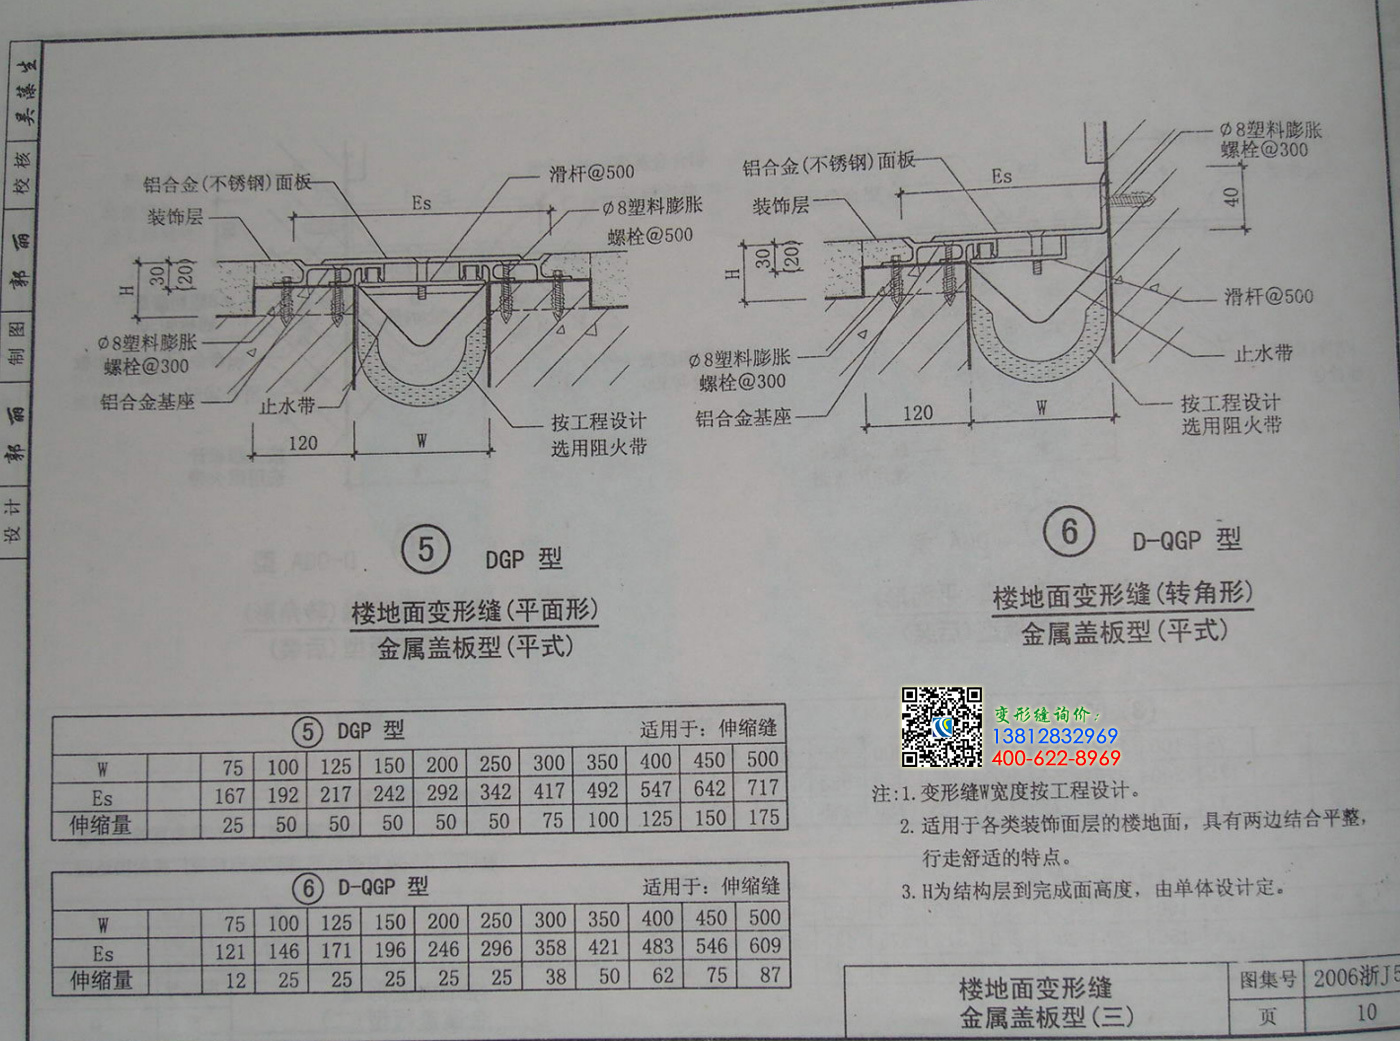 2006浙j55变形缝图集第10页